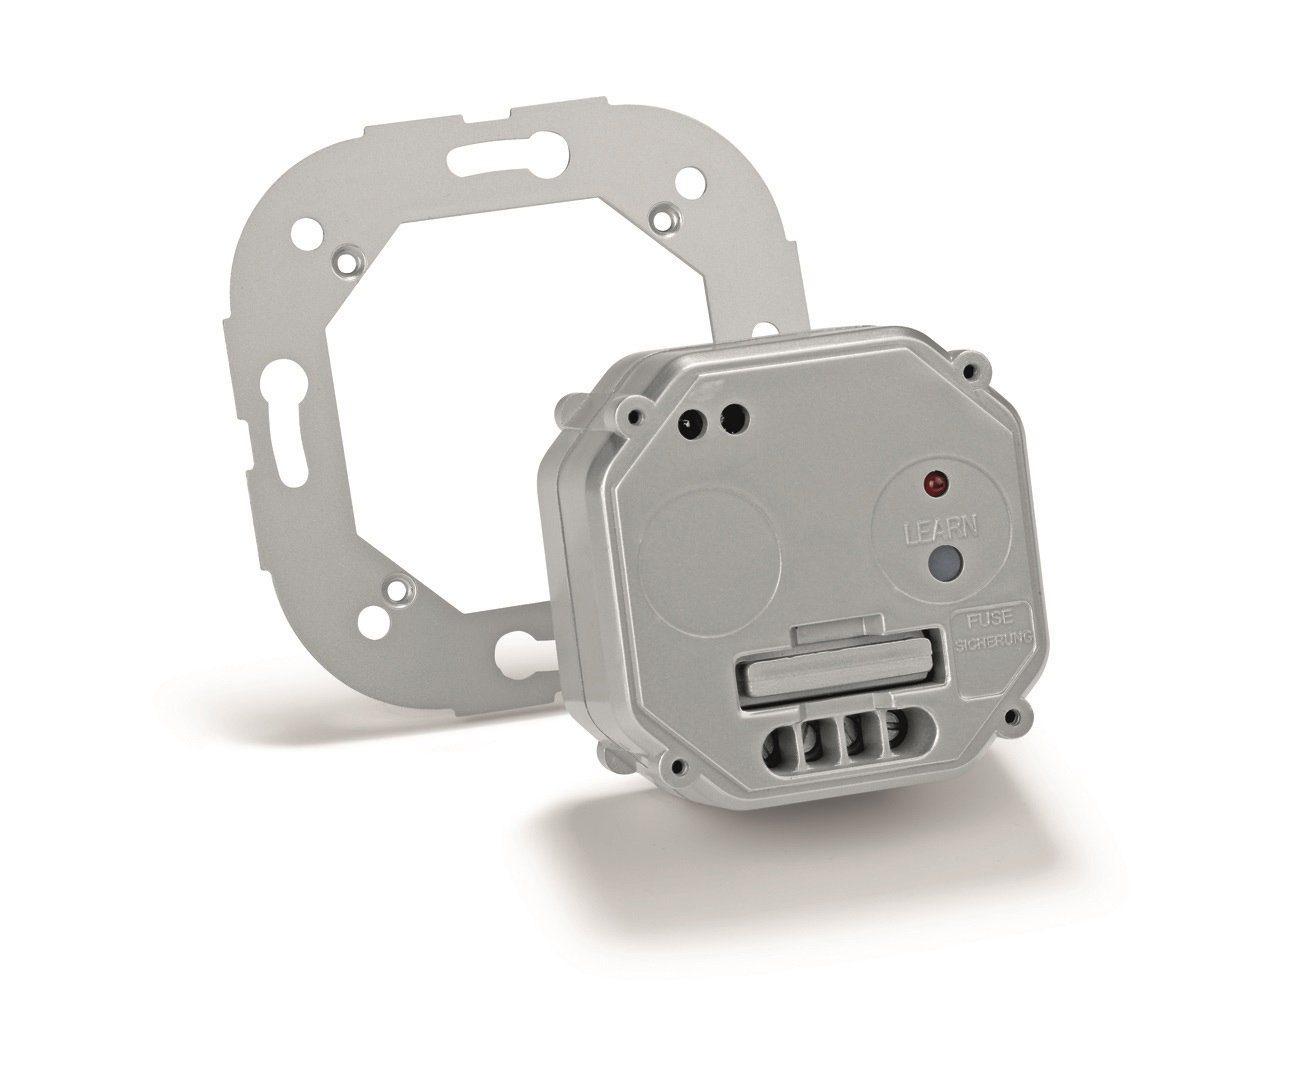 intertechno - Smart Home - Licht & Komfort »ITL-150 Funk-Einbaudimmer«